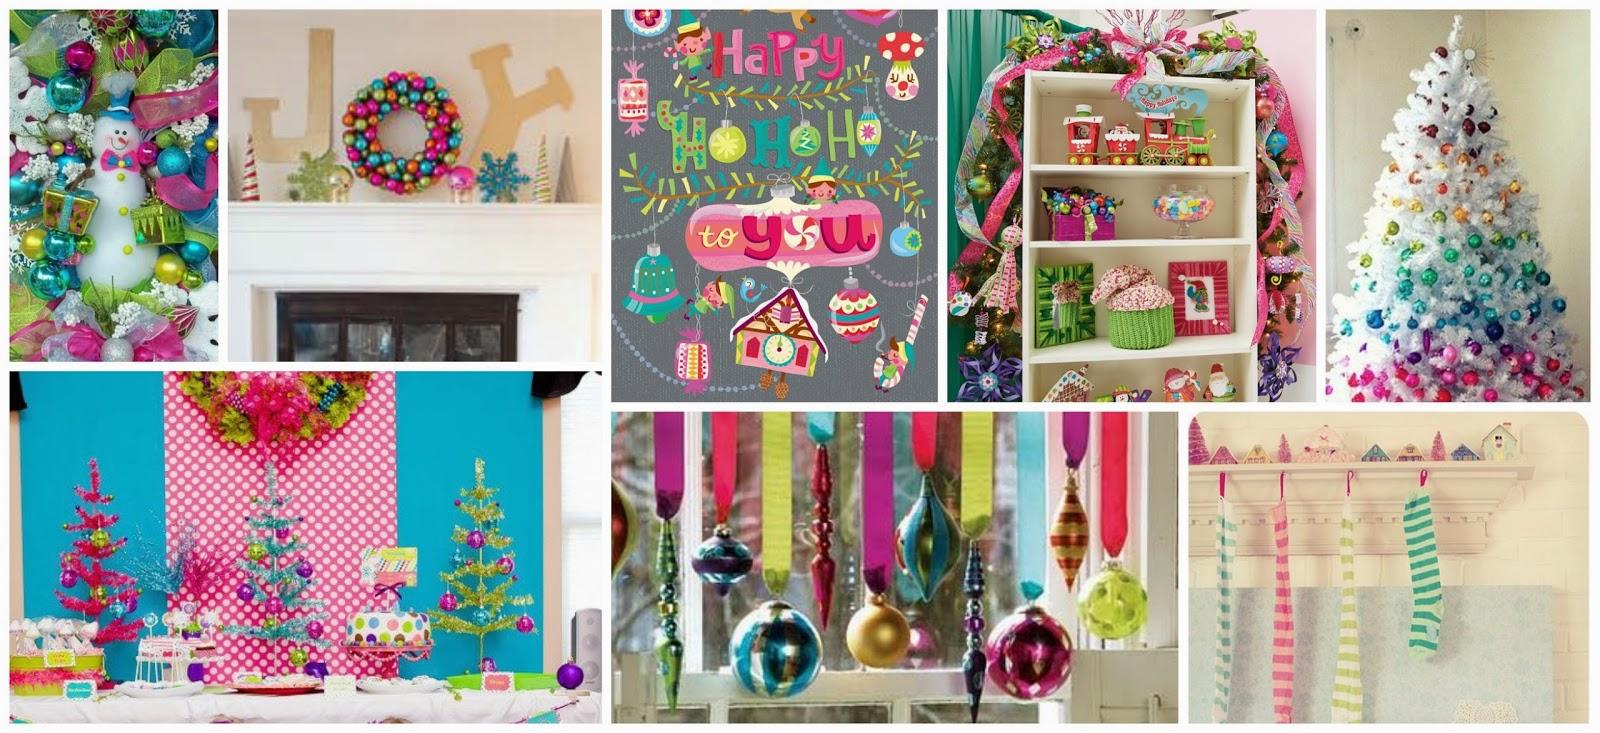 Lluvia de ideas recursos ideas para decorar y preparar for Ideas decoracion navidad colegio